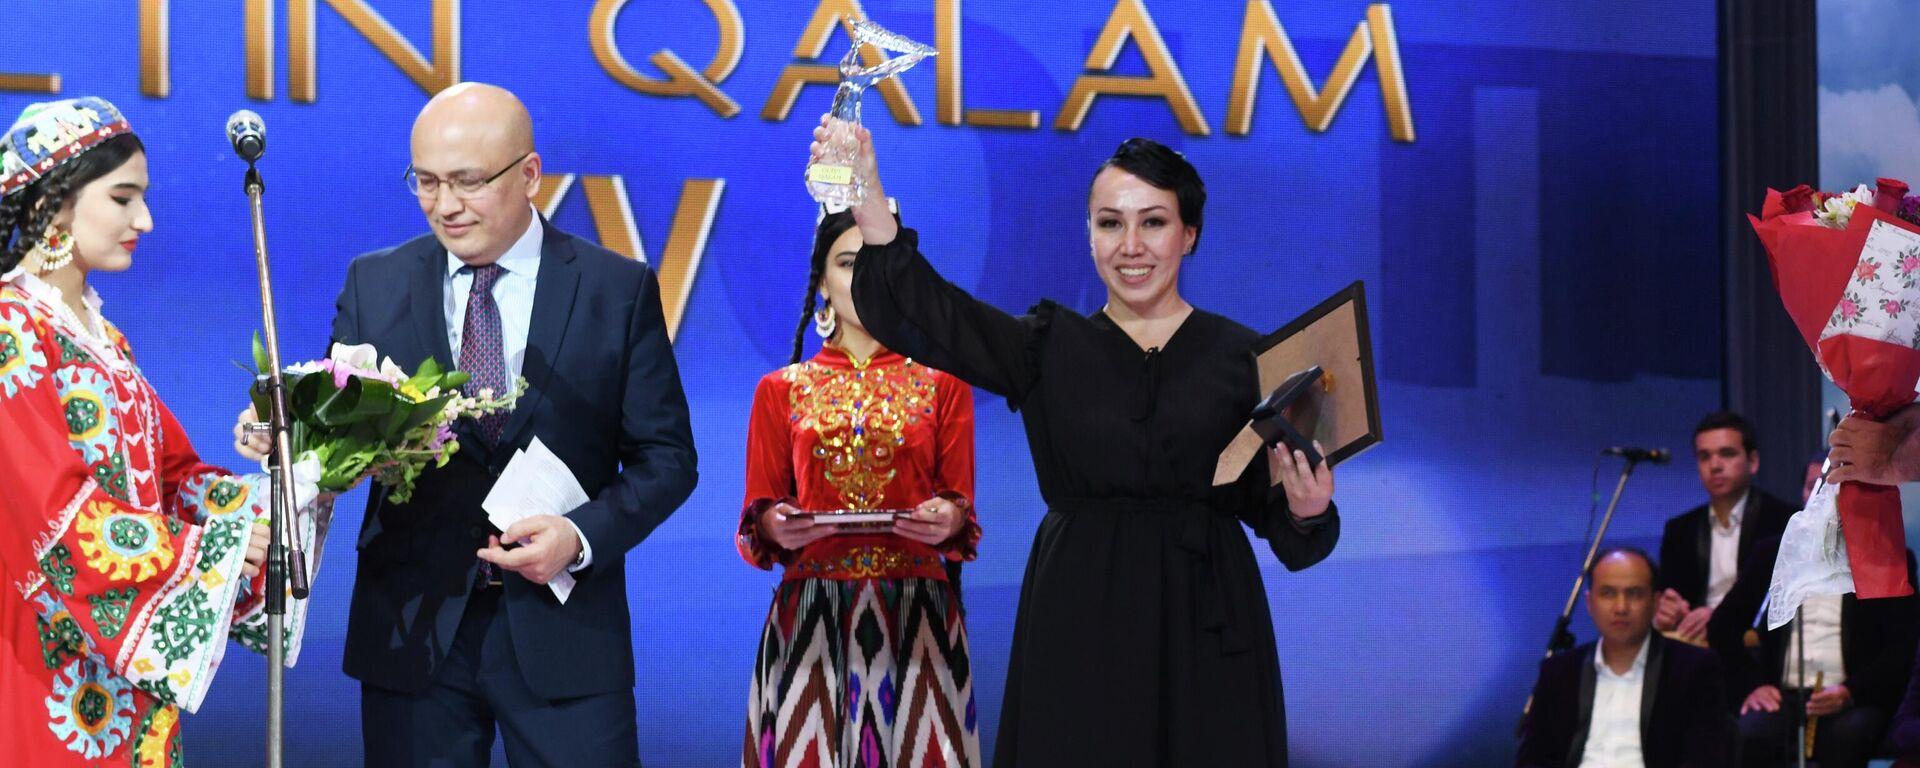 Корреспондент Sputnik Узбекистан Дильшода Рахматова награждена премией Золотое перо - Sputnik Узбекистан, 1920, 03.05.2021